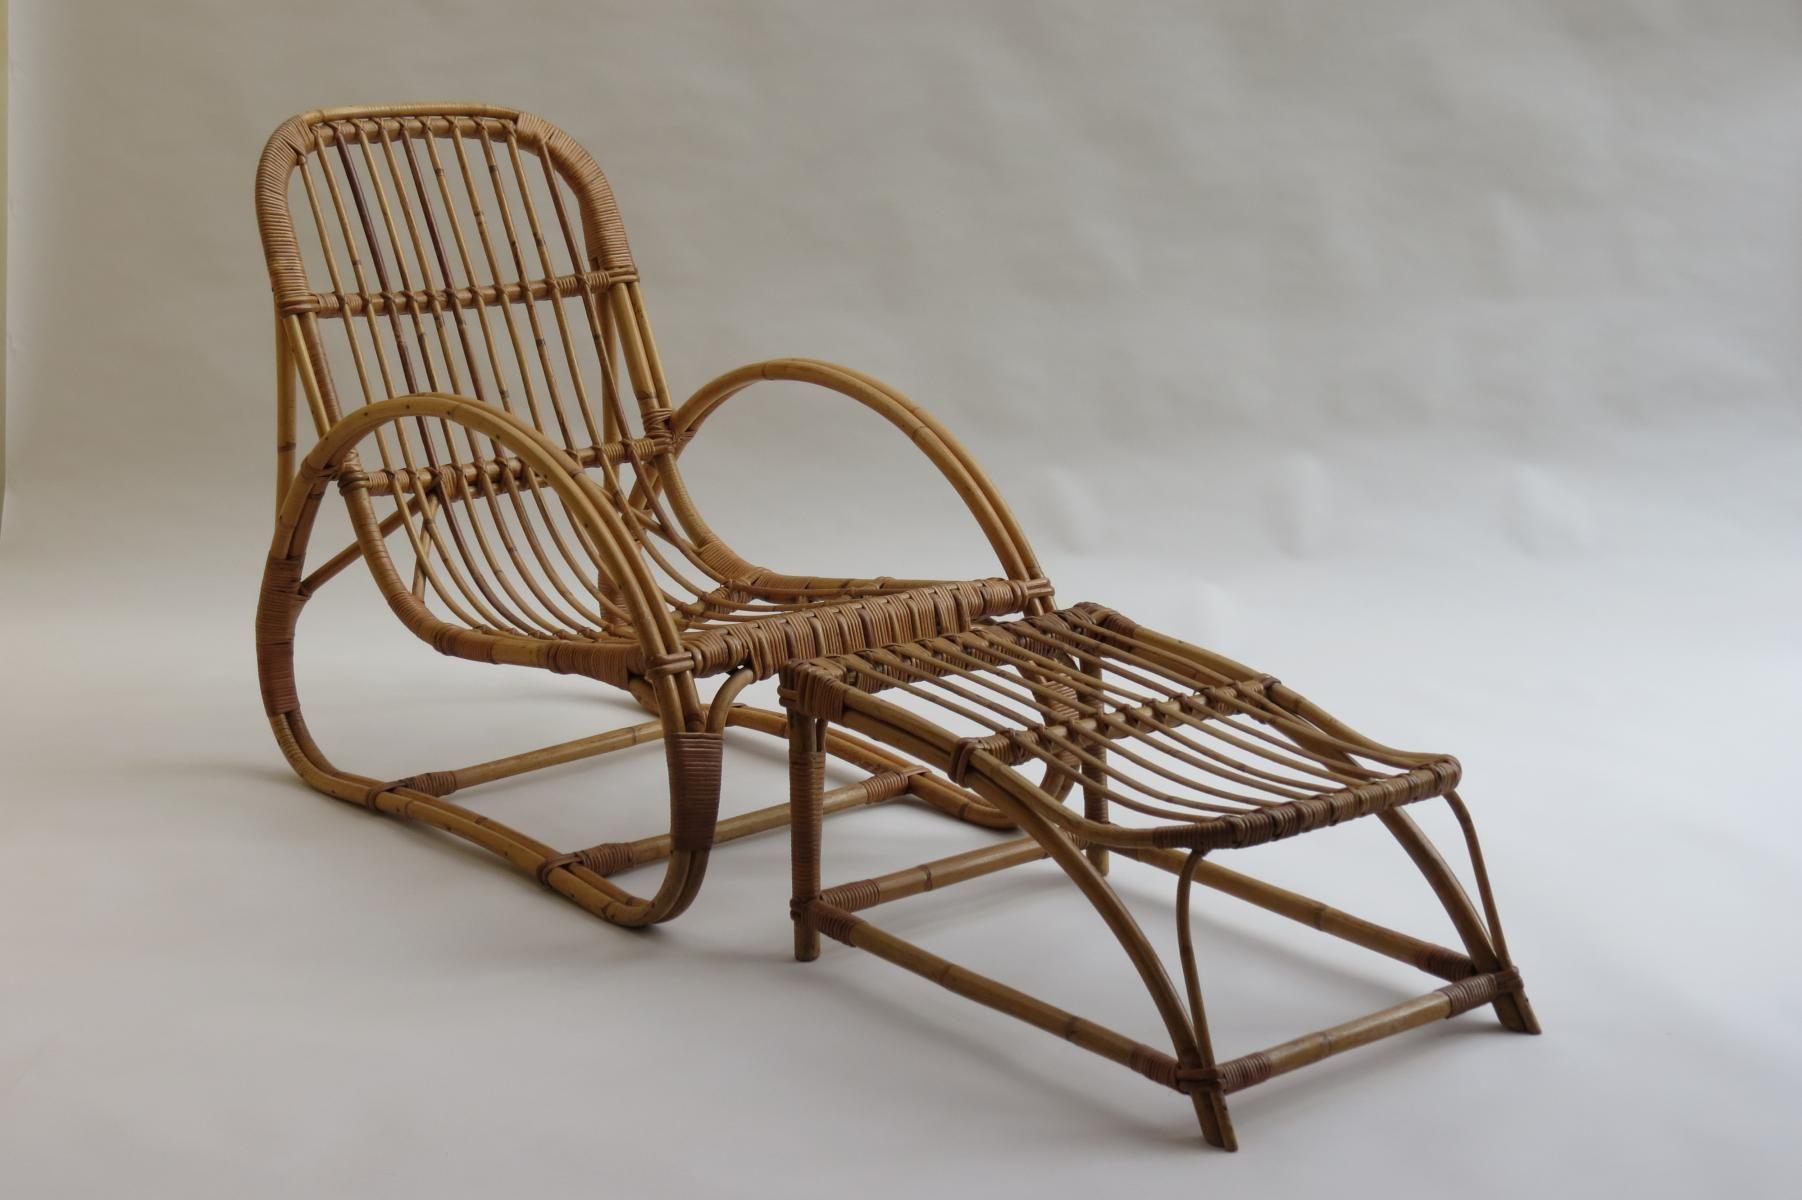 Weisser Rattan Stuhl Stuhl Zuckerrohr Gurtband Zuckerrohr Sitz Stuhle